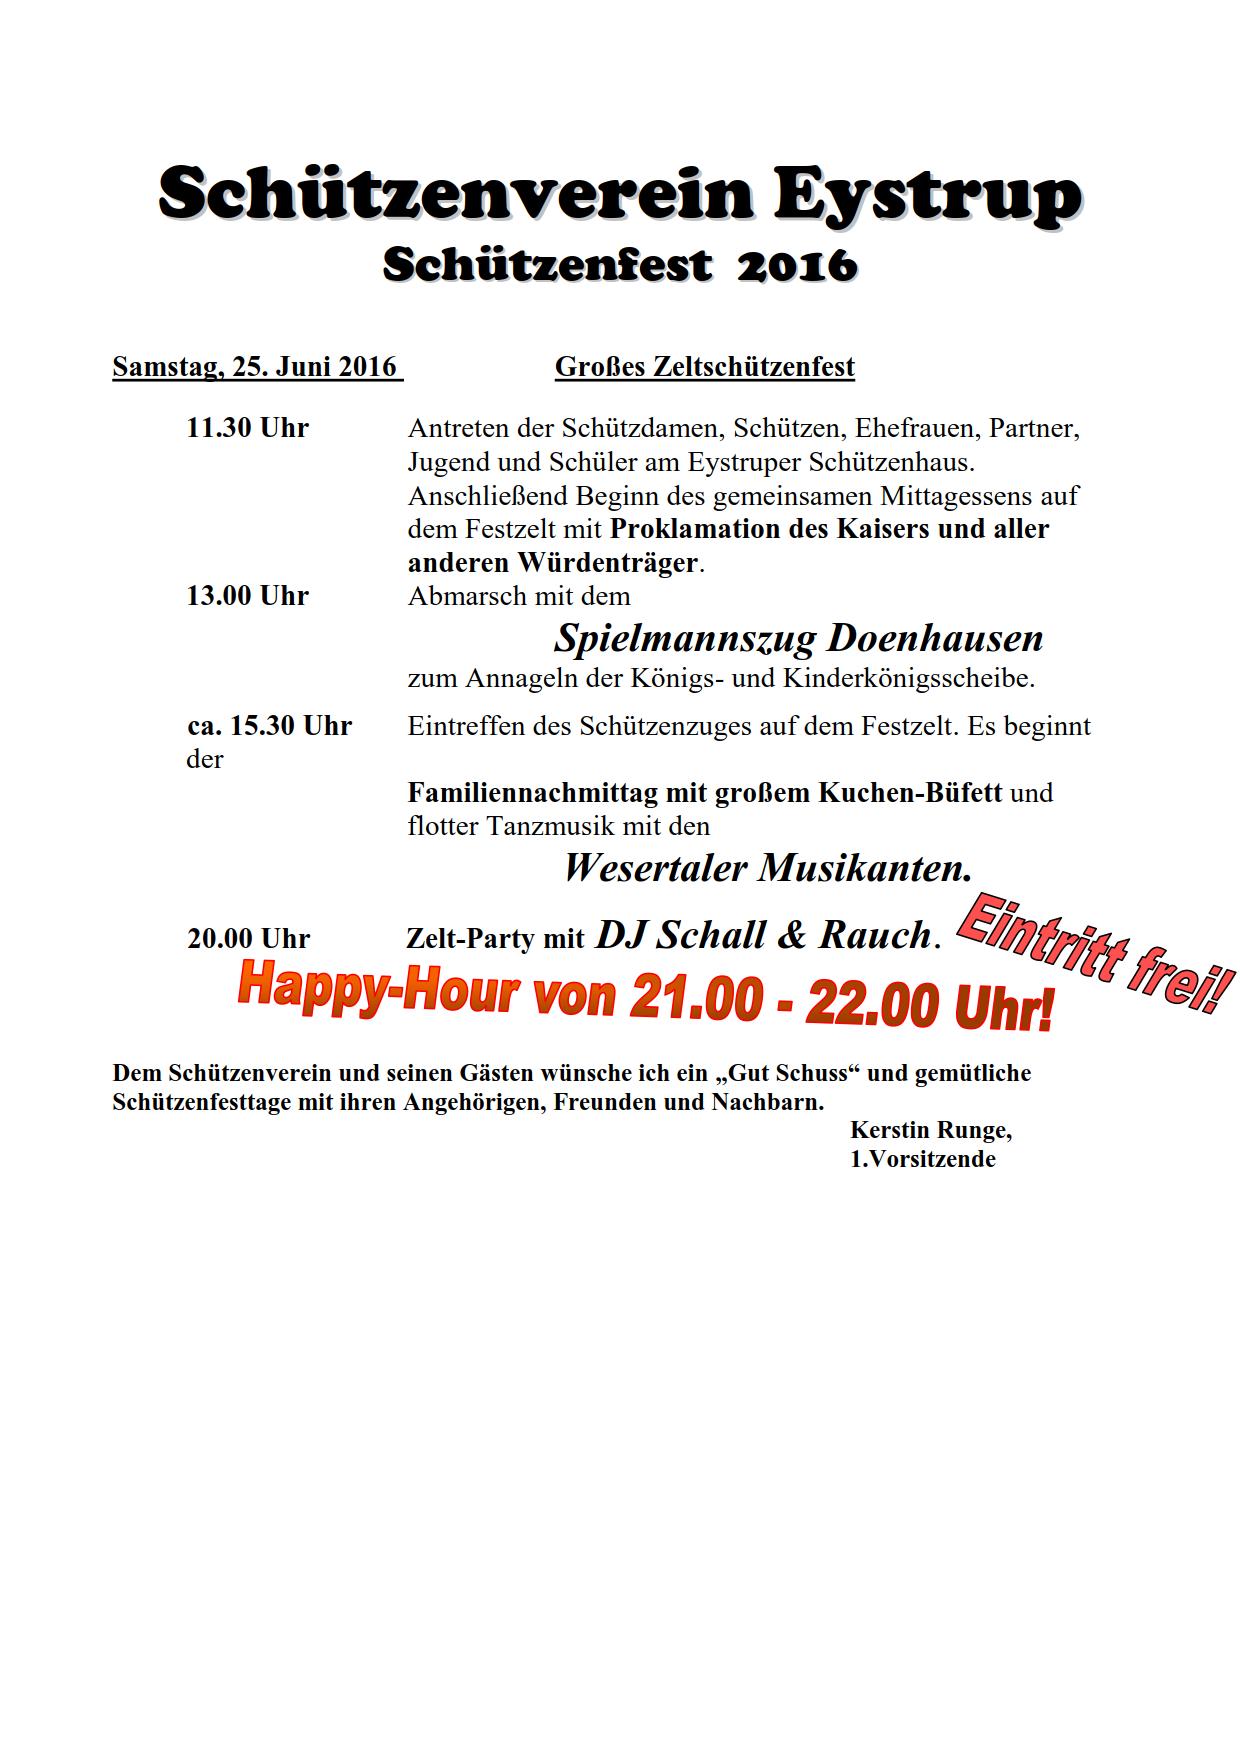 Schuetzenfest_2016